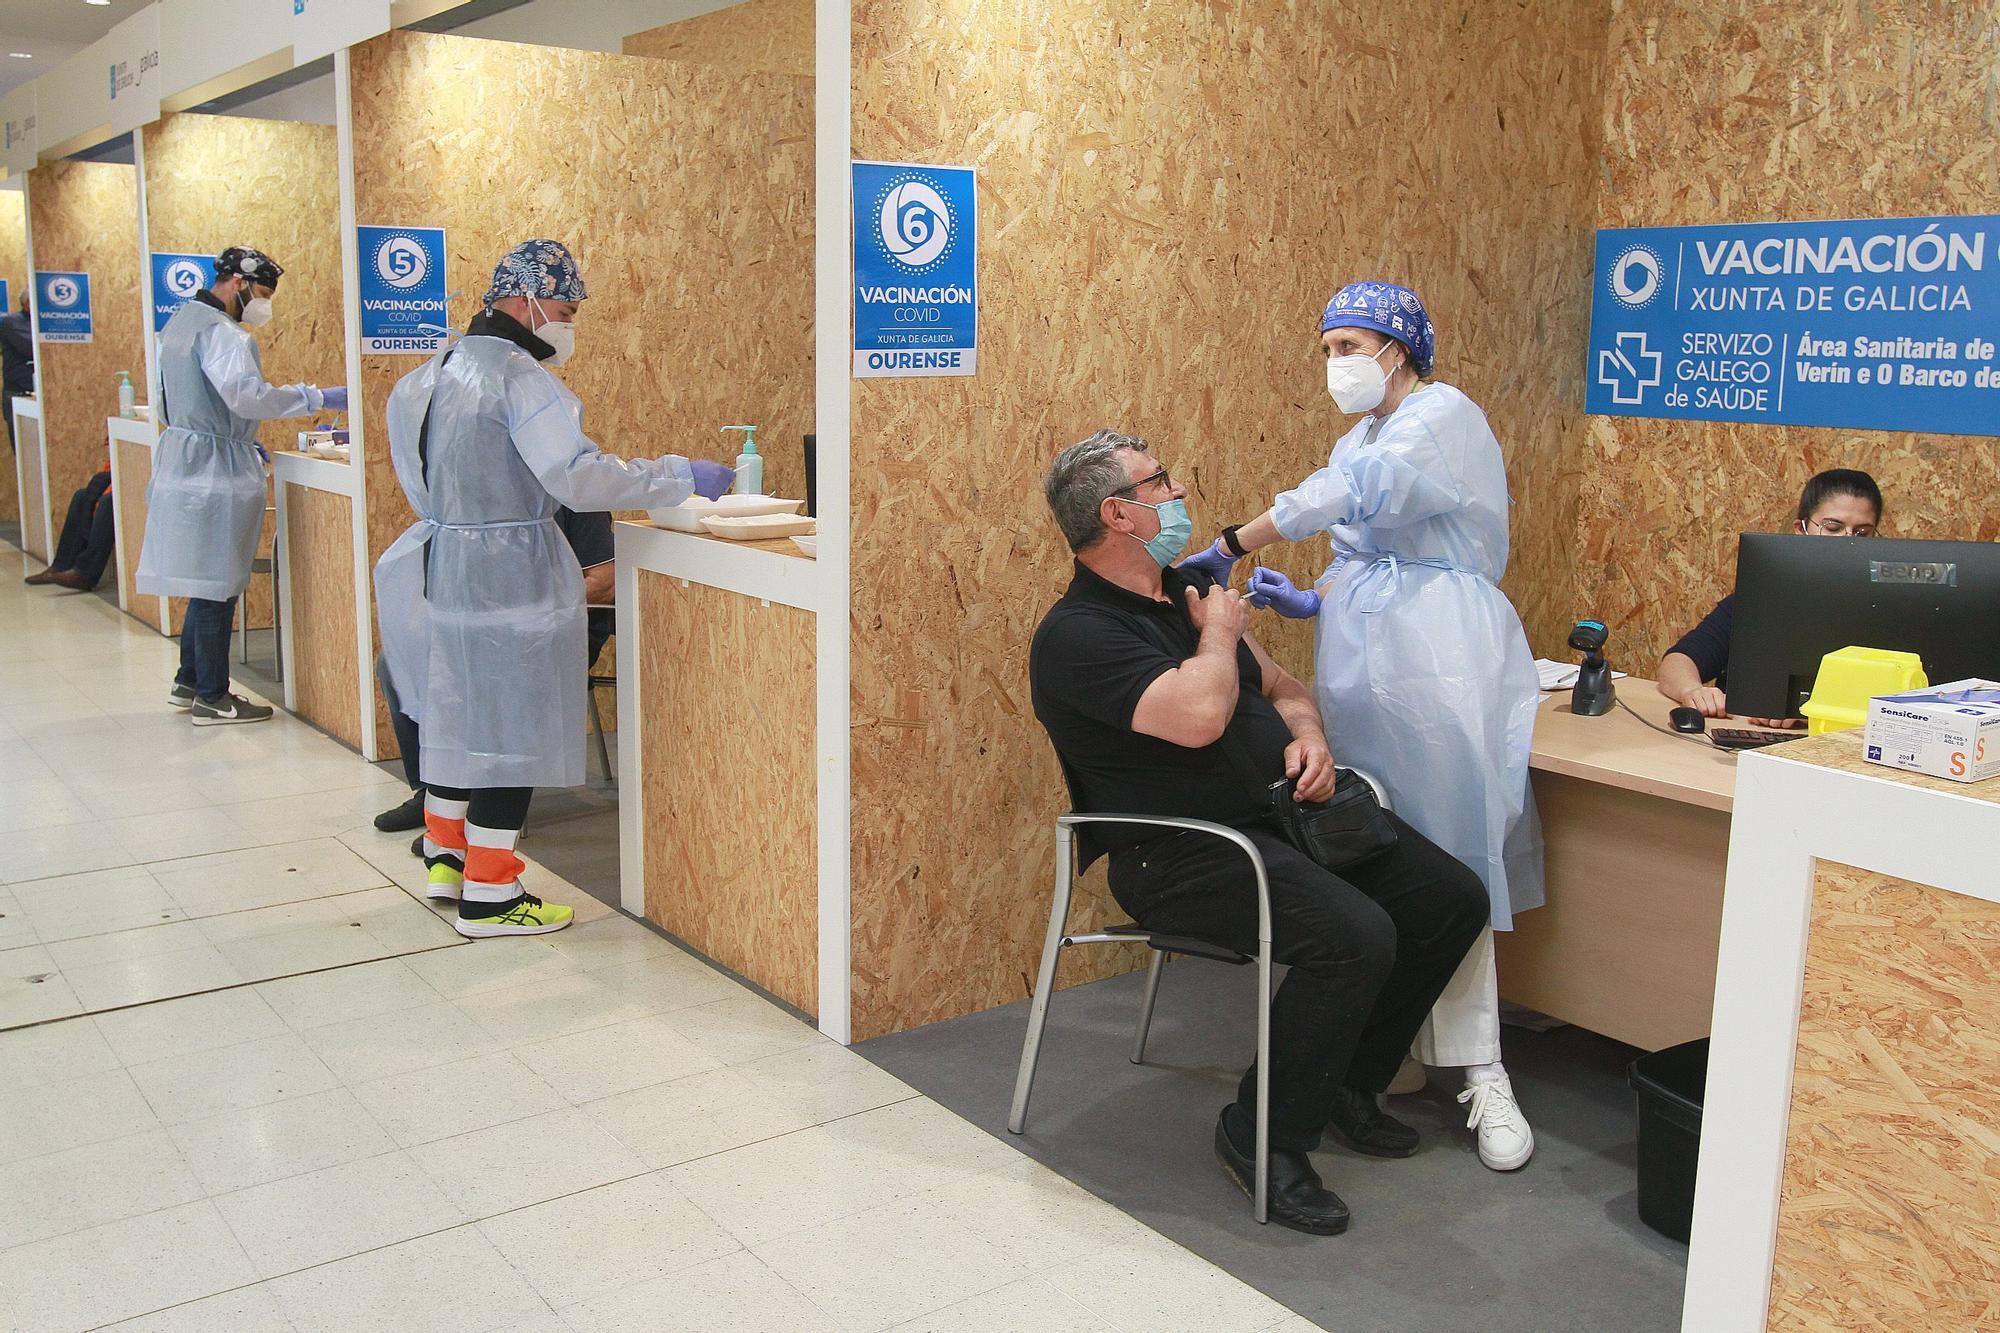 Ourense entra en fase de vacunación masiva contra el COVID